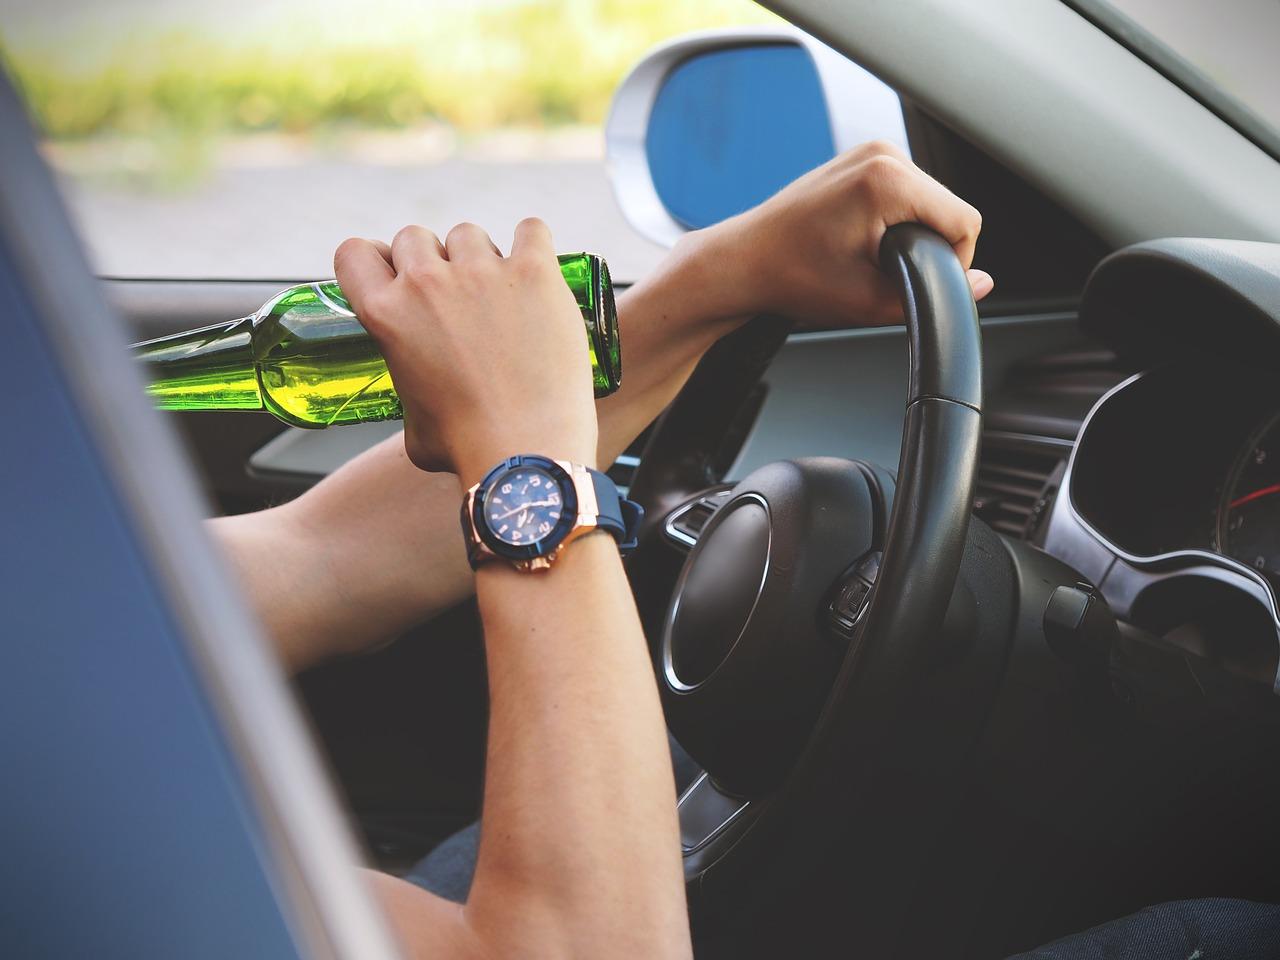 Beber mientras manejas es muy peligroso